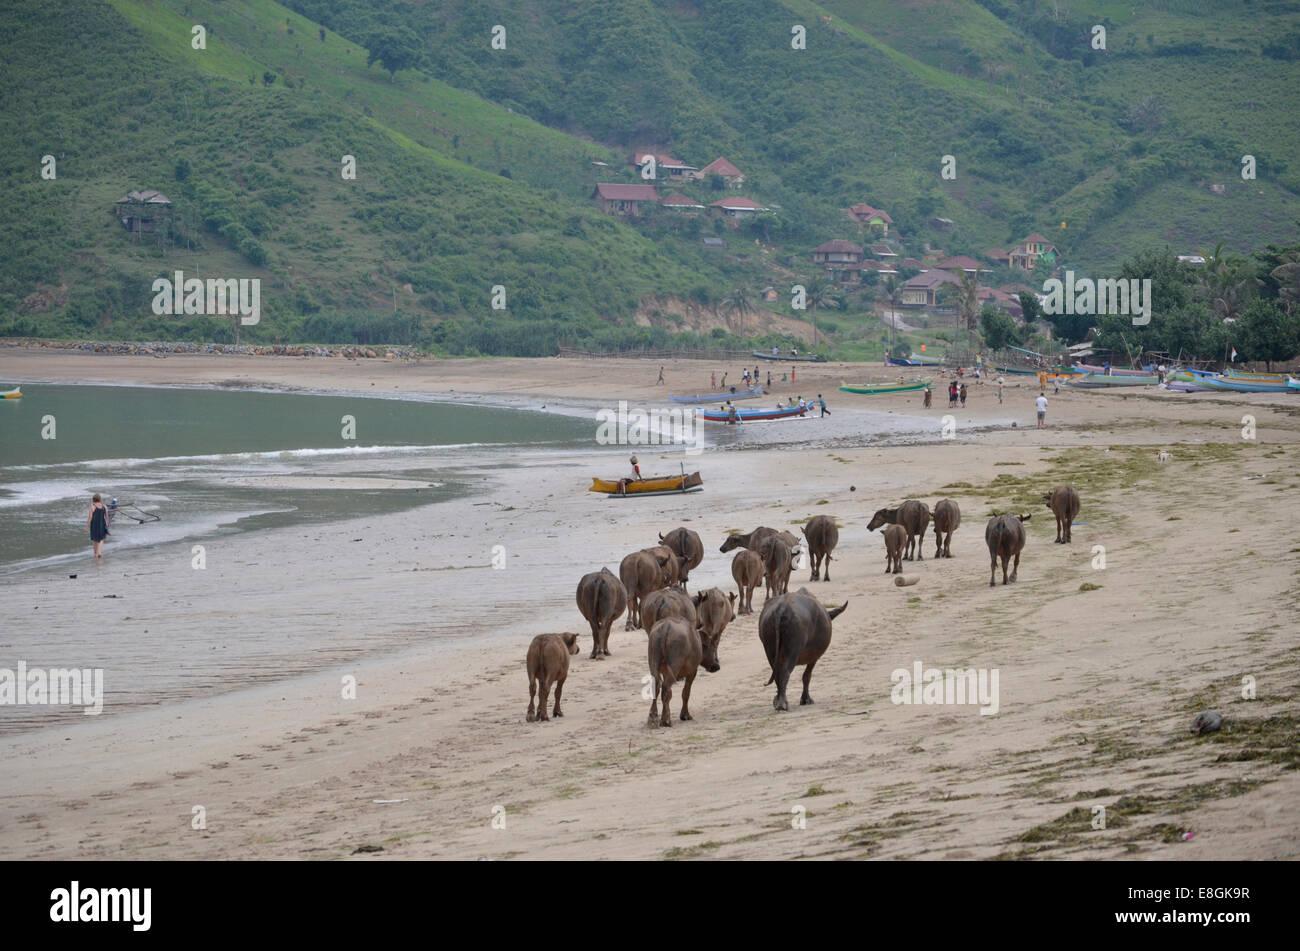 Indonesien, West Nusa Tenggara Kabupaten Lombok Tengah, Kuta, Kuta Beach, Kuh, die zu Fuß am Strand Stockbild